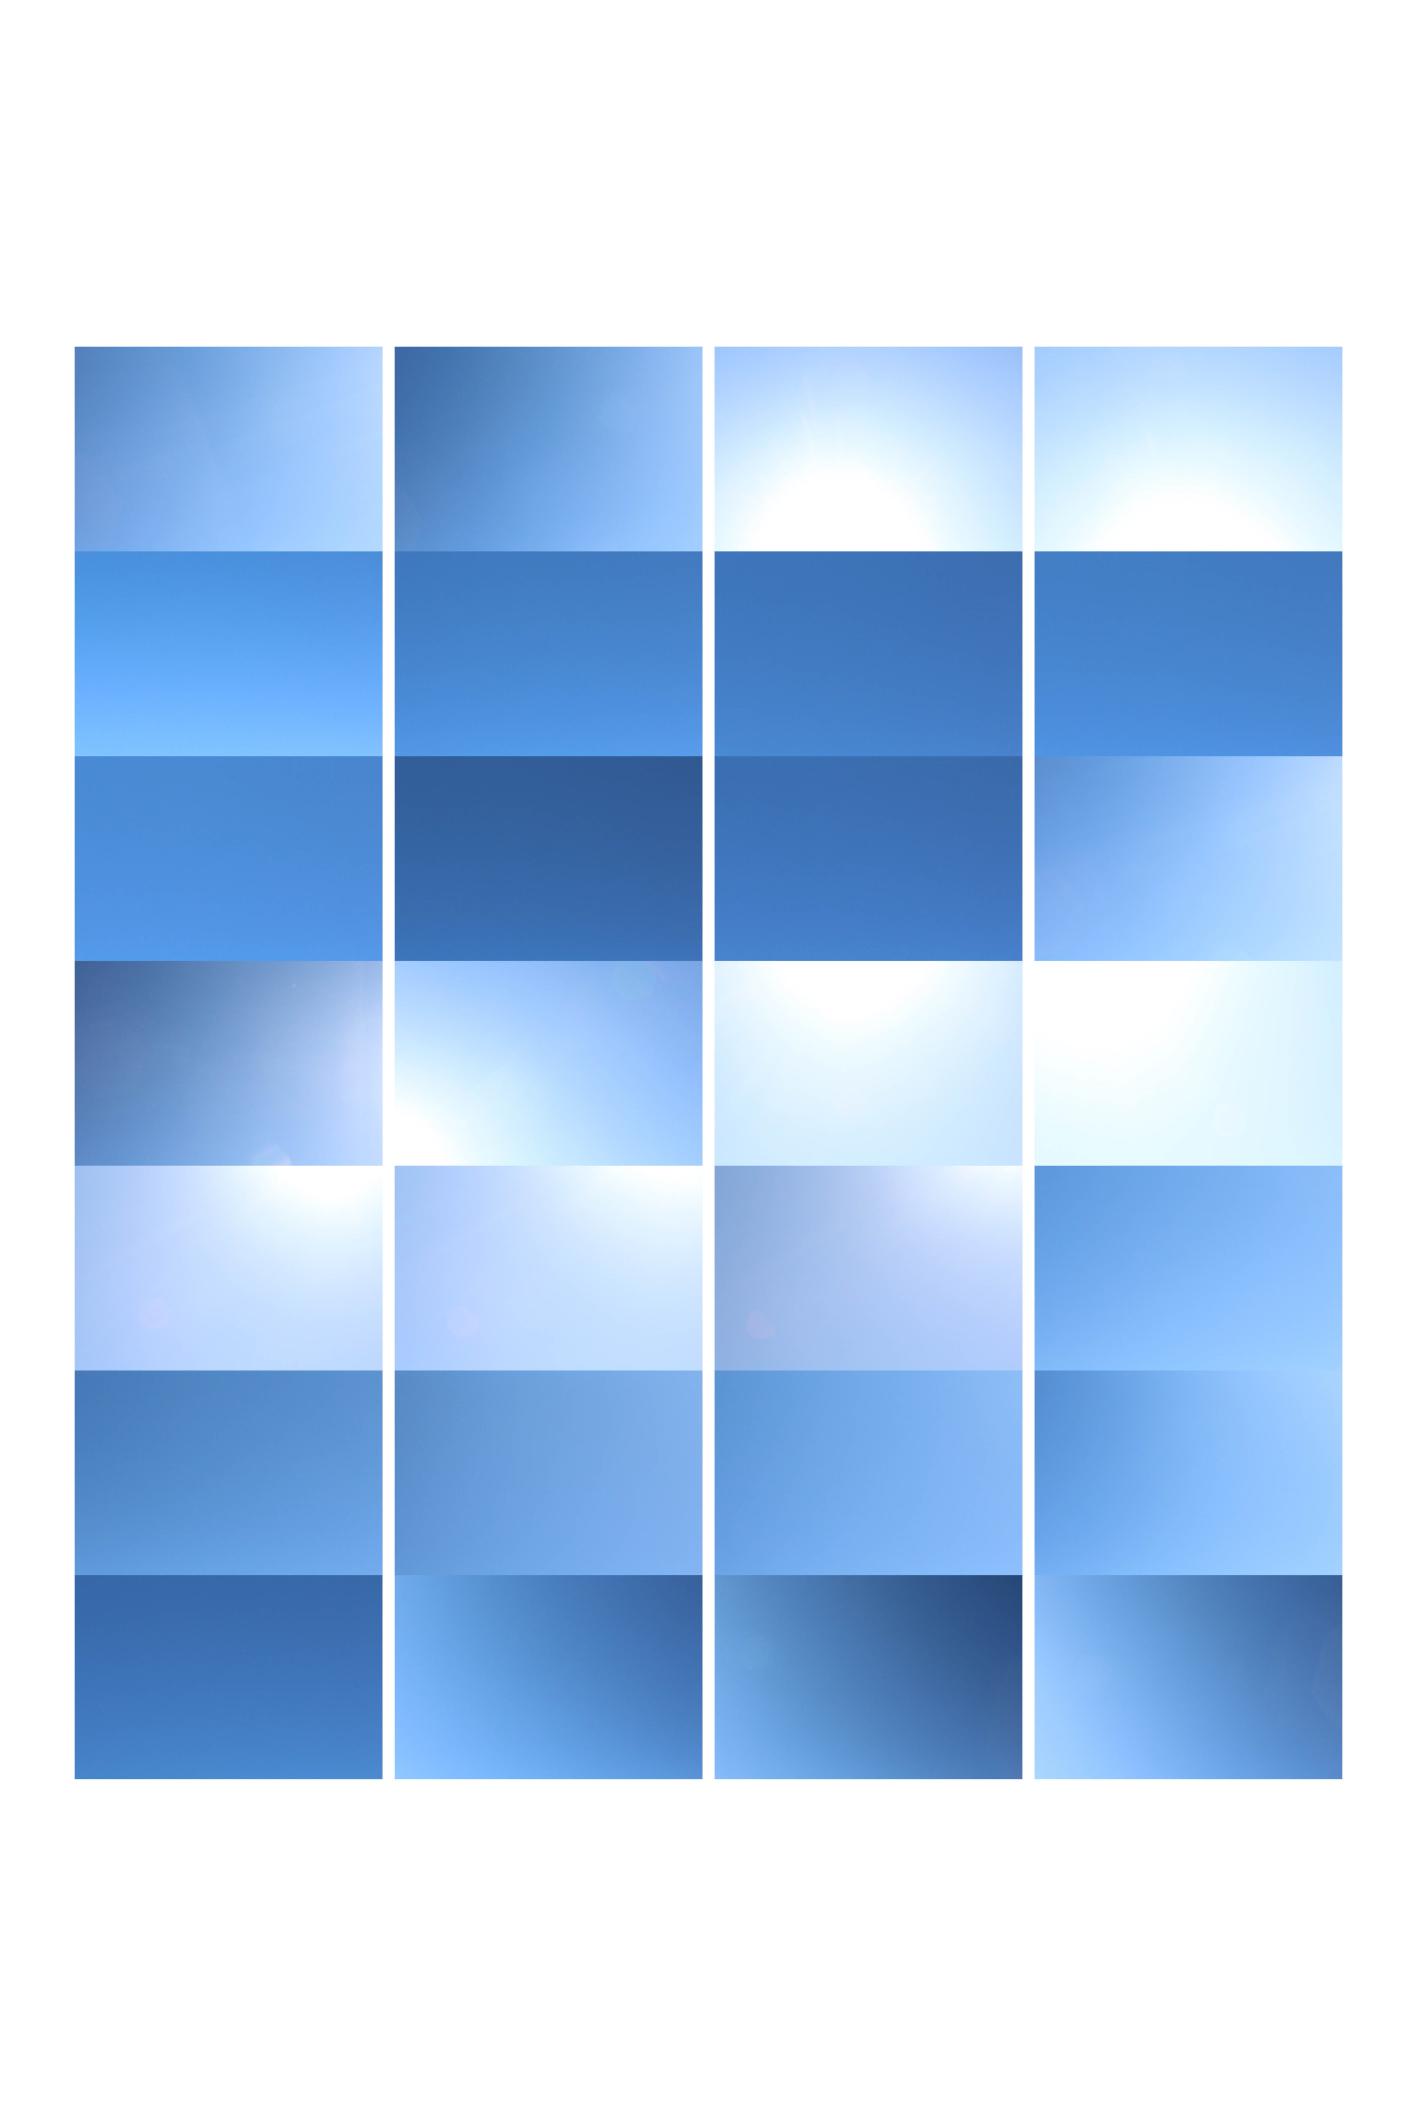 Markus Feiler - SKY BLUE 4_Künstler_artist_Kunst_art